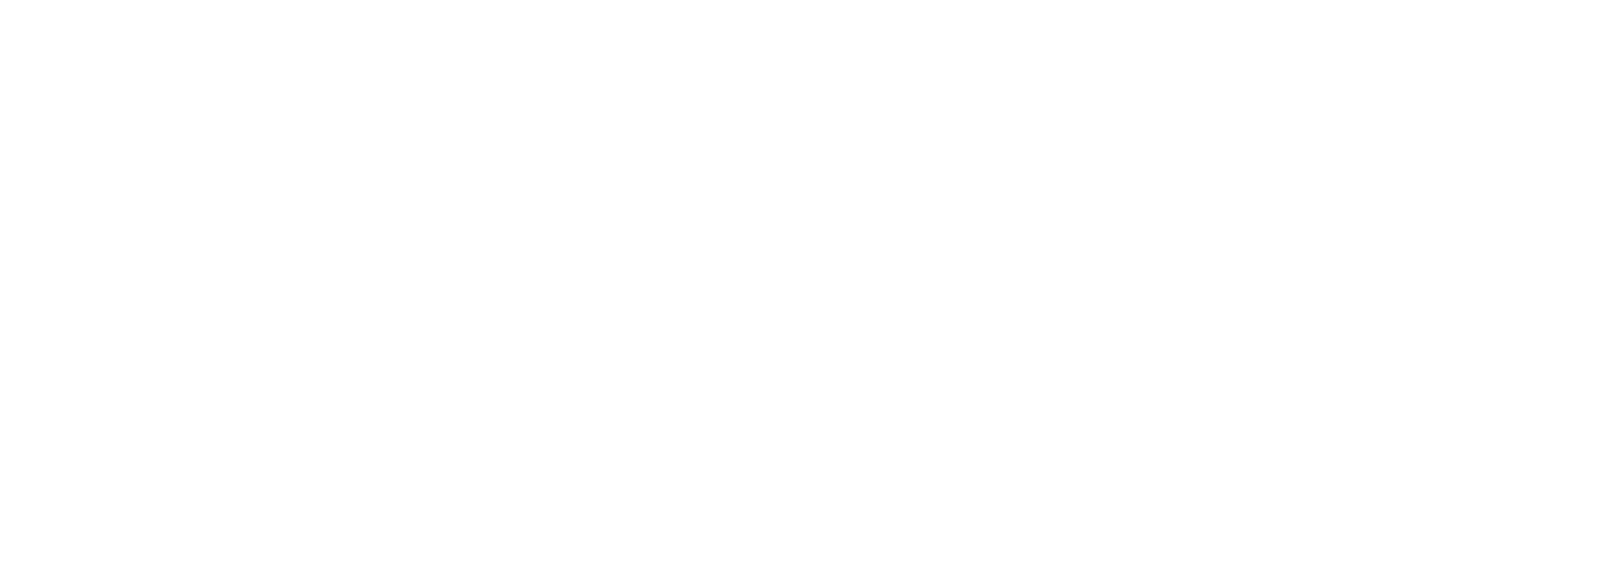 neg full logo.png